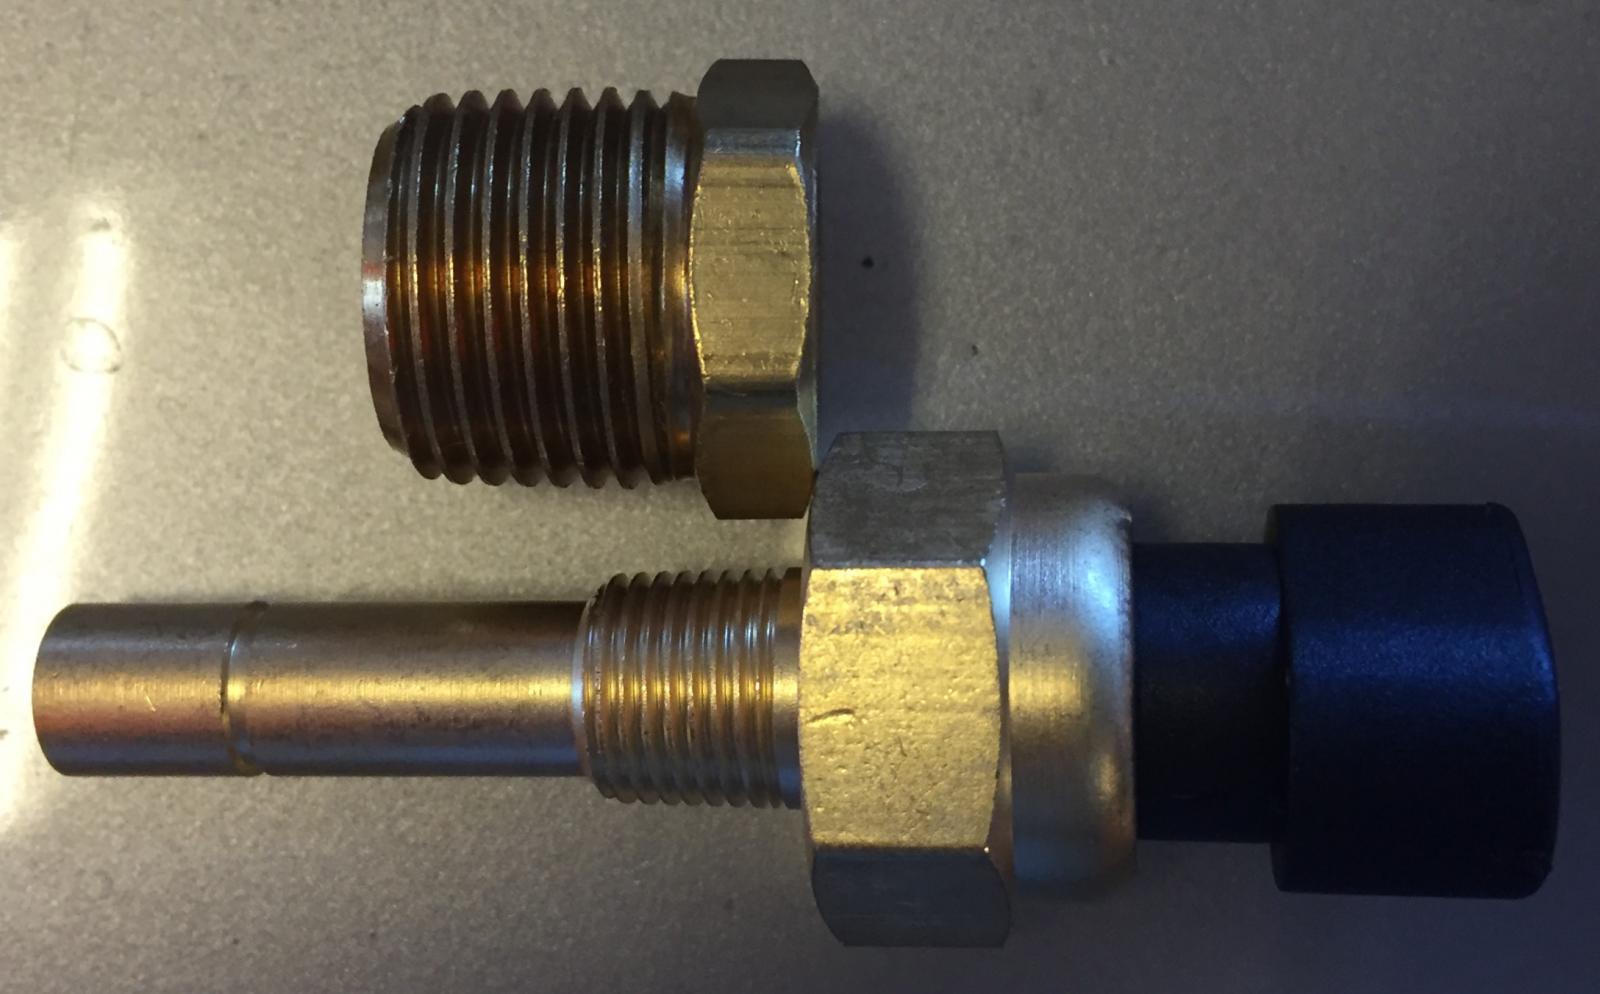 Wiring new gauges